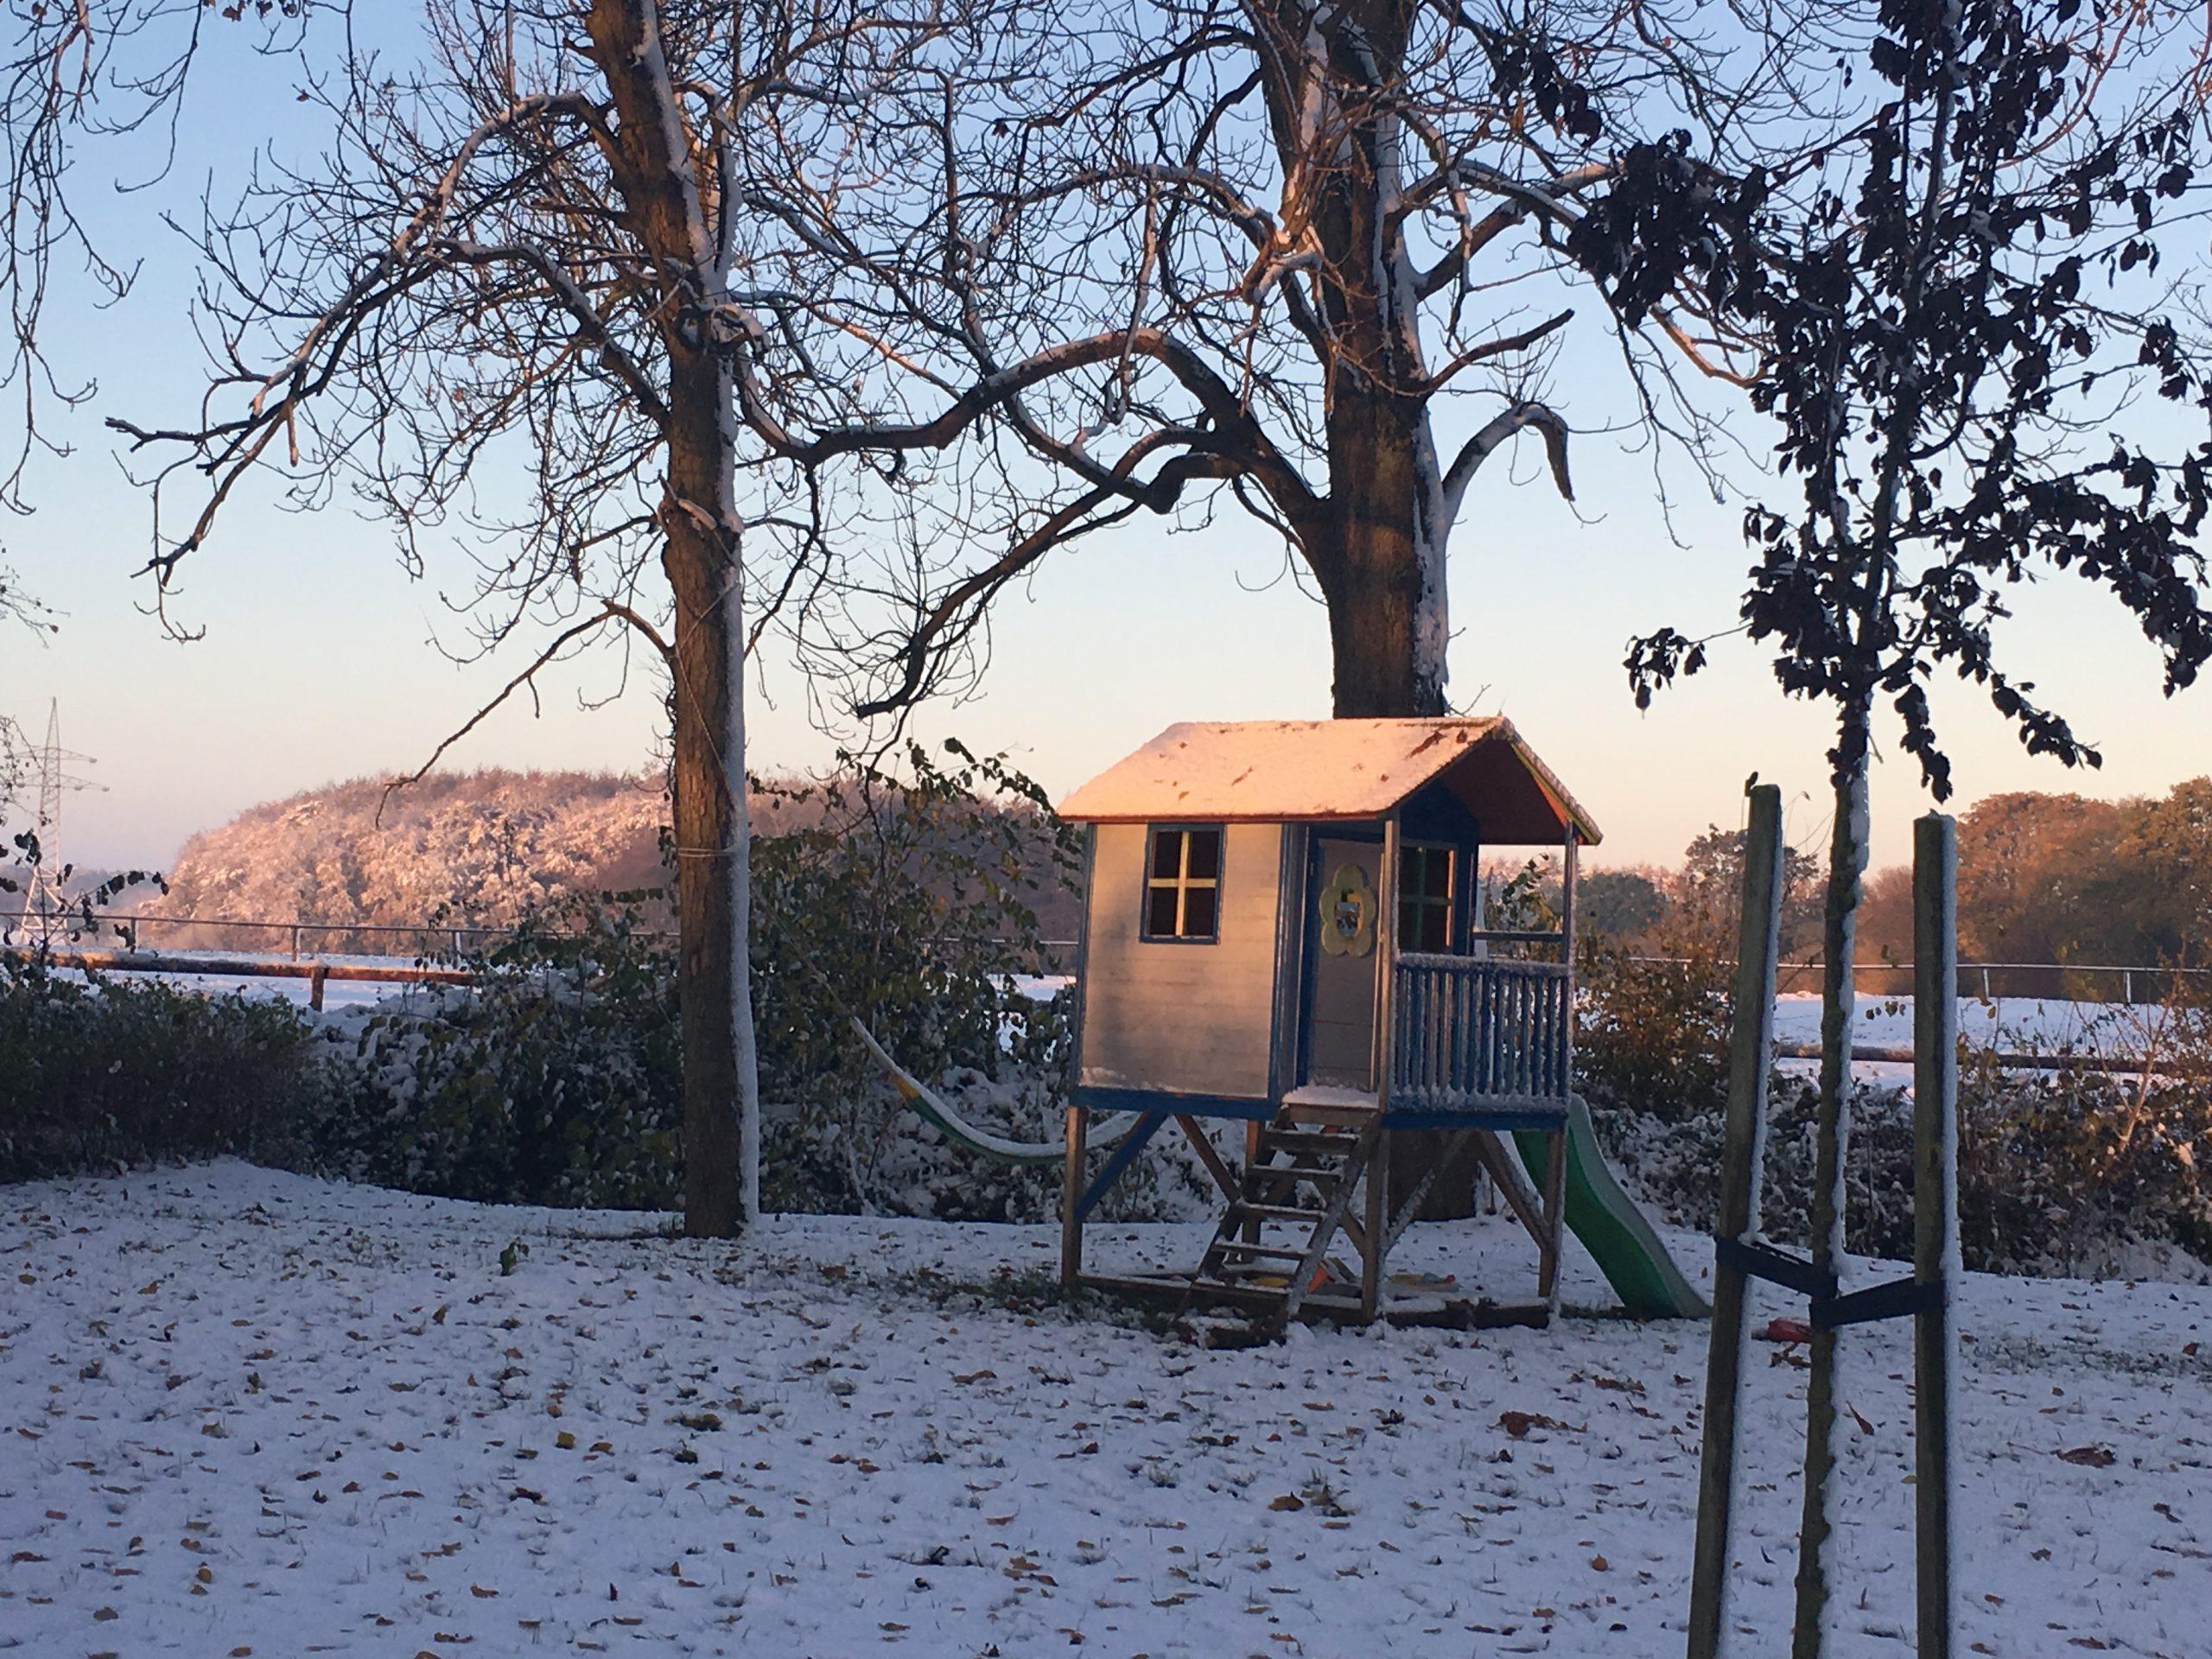 Gut Friederikenhof - noch unberührter Schnee um das Kinderspielhaus